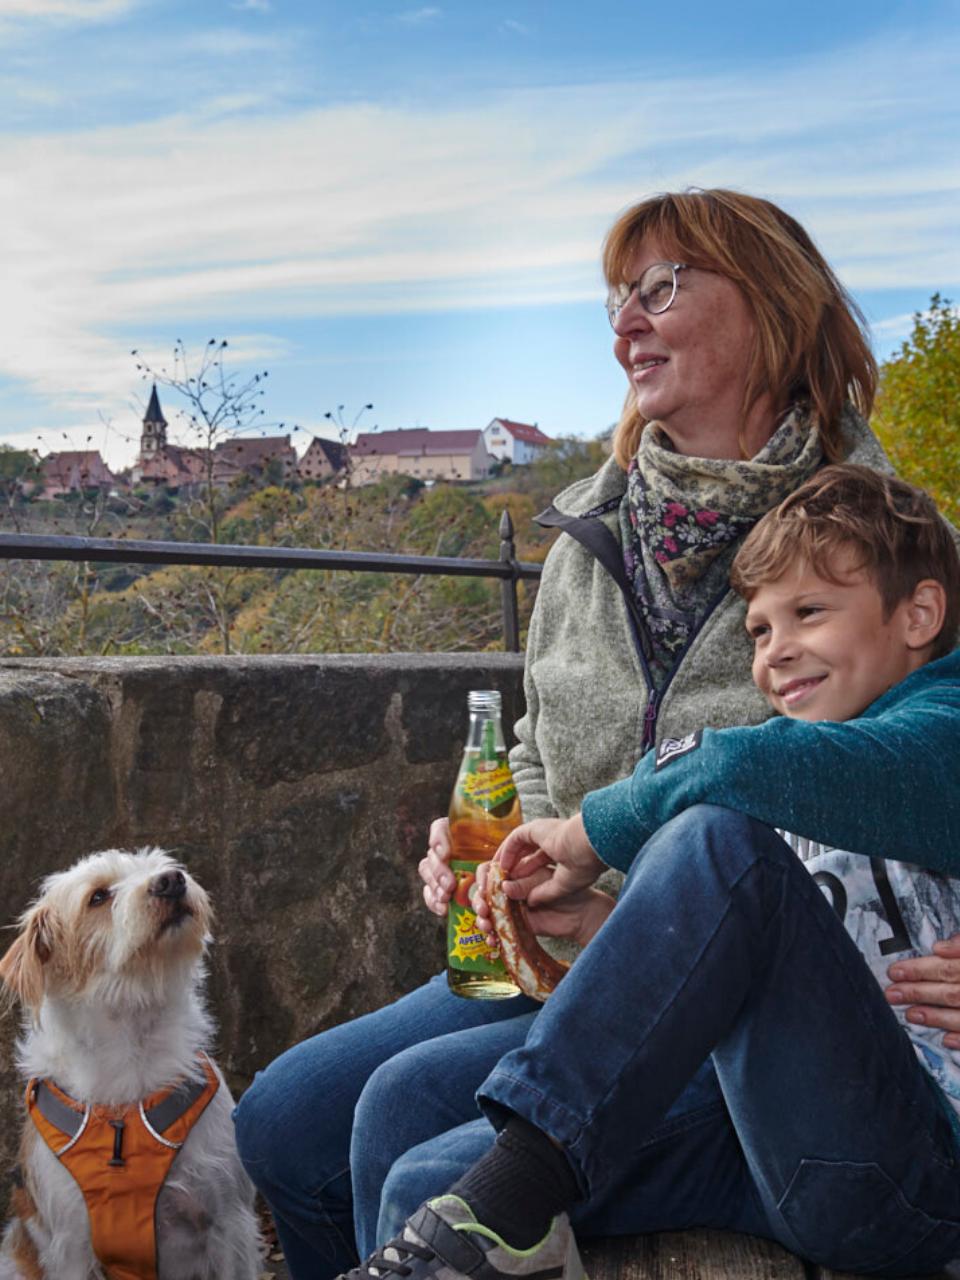 Familienfreundlich auf der Burg Wernfels